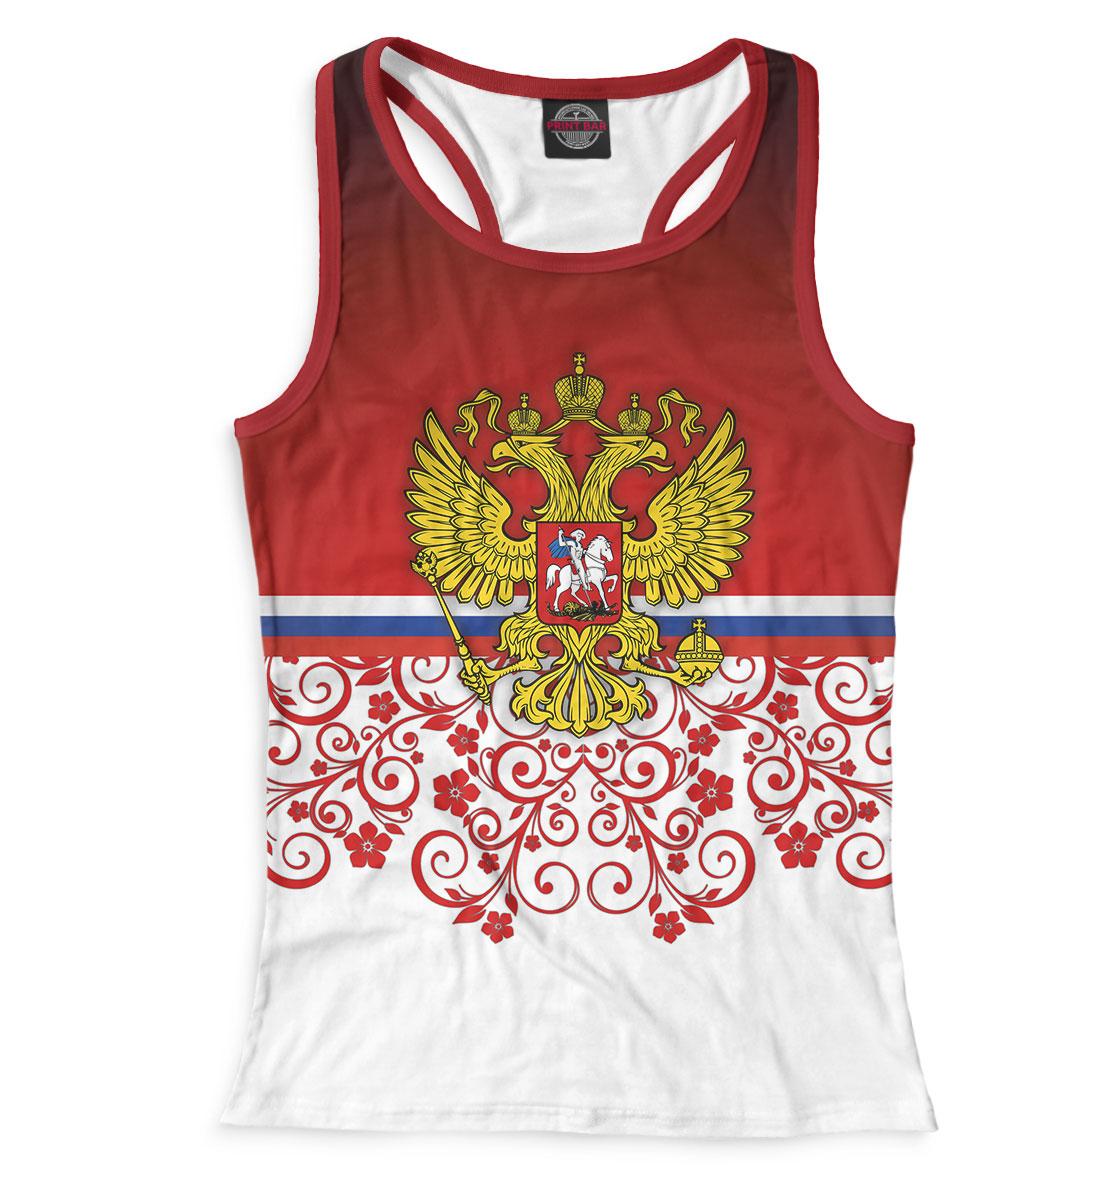 Купить Сборная России, Printbar, Майки борцовки, FRF-519124-mayb-1